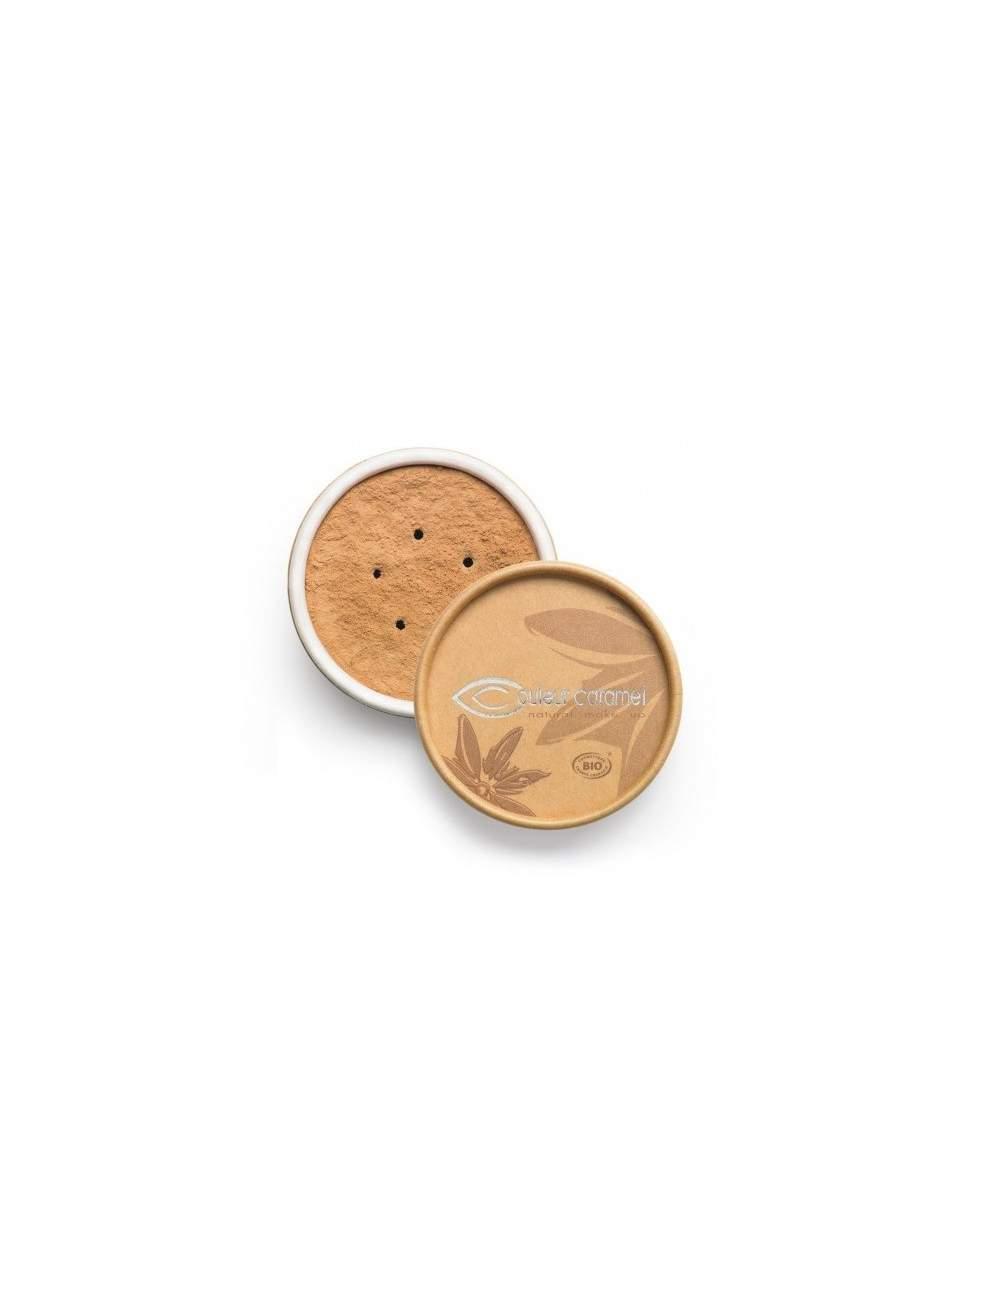 Fond de Teint Bio Minéral 03 Apricot Beige. Couleur Caramel